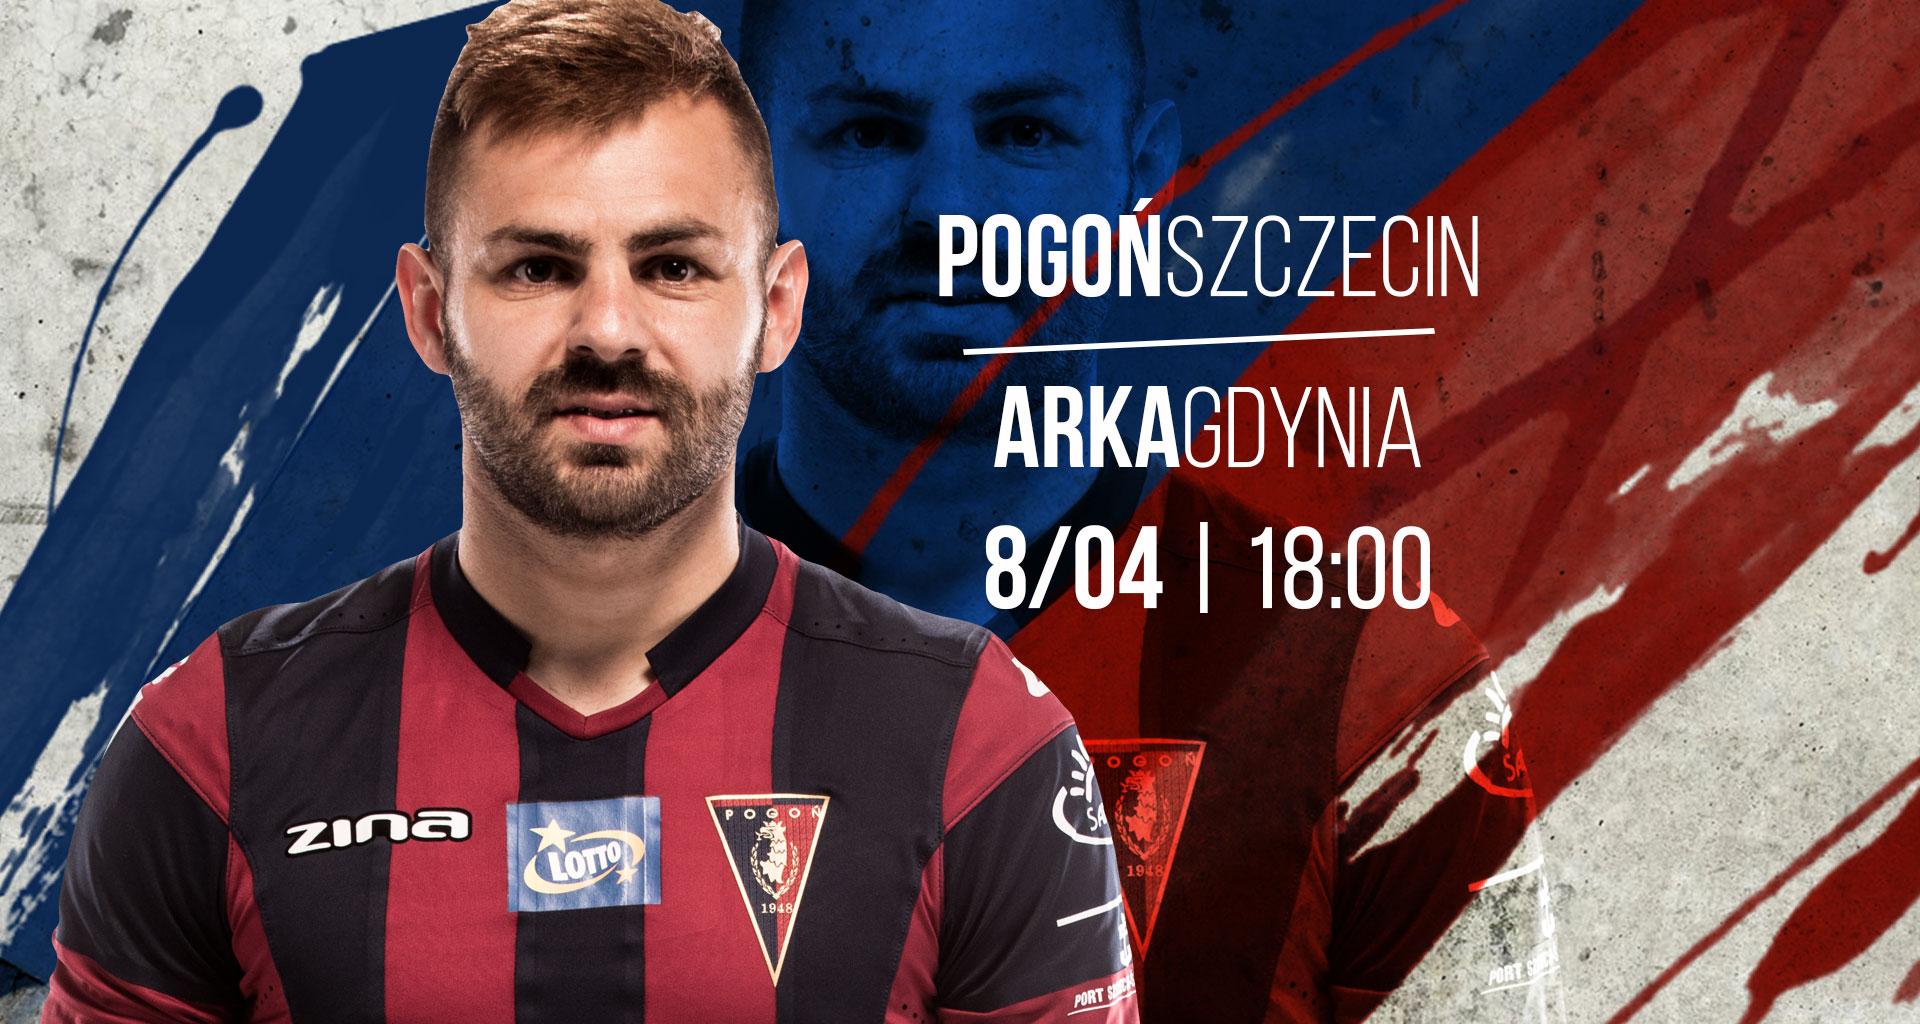 Pogoń Szczecin - Arka Gdynia